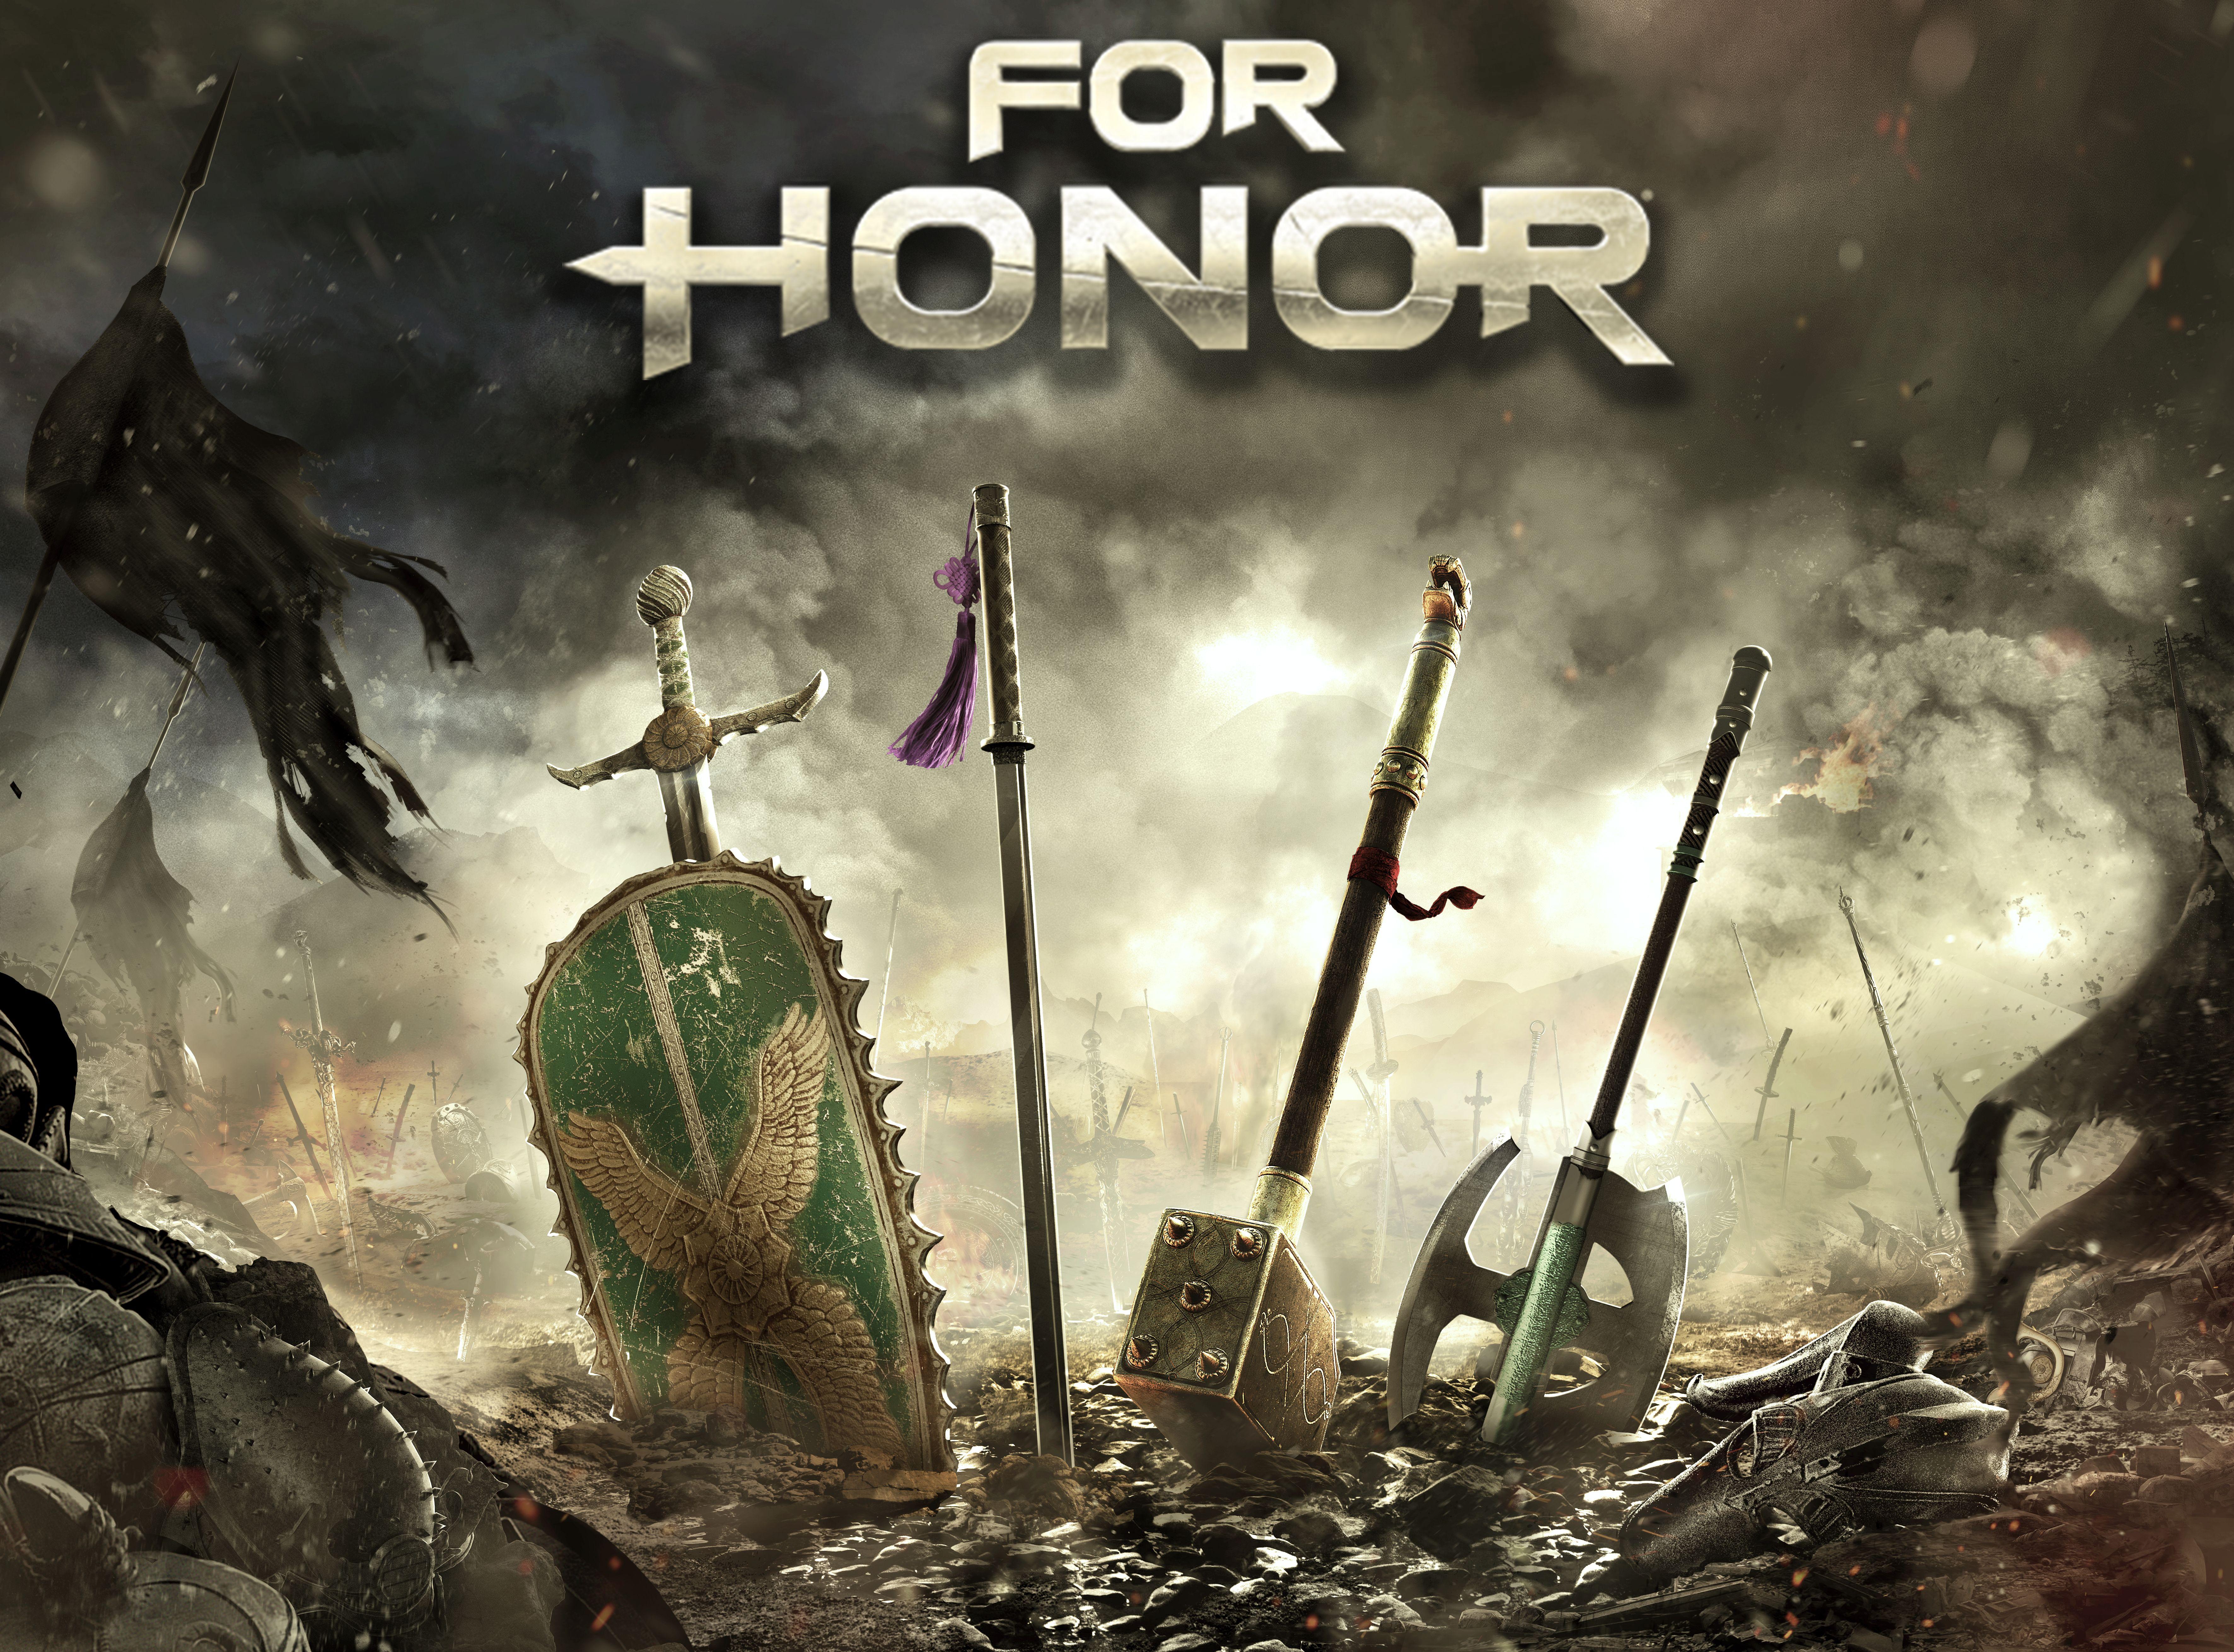 conoce-los-primeros-detalles-del-tercer-ano-de-for-honor-frikigamers.com